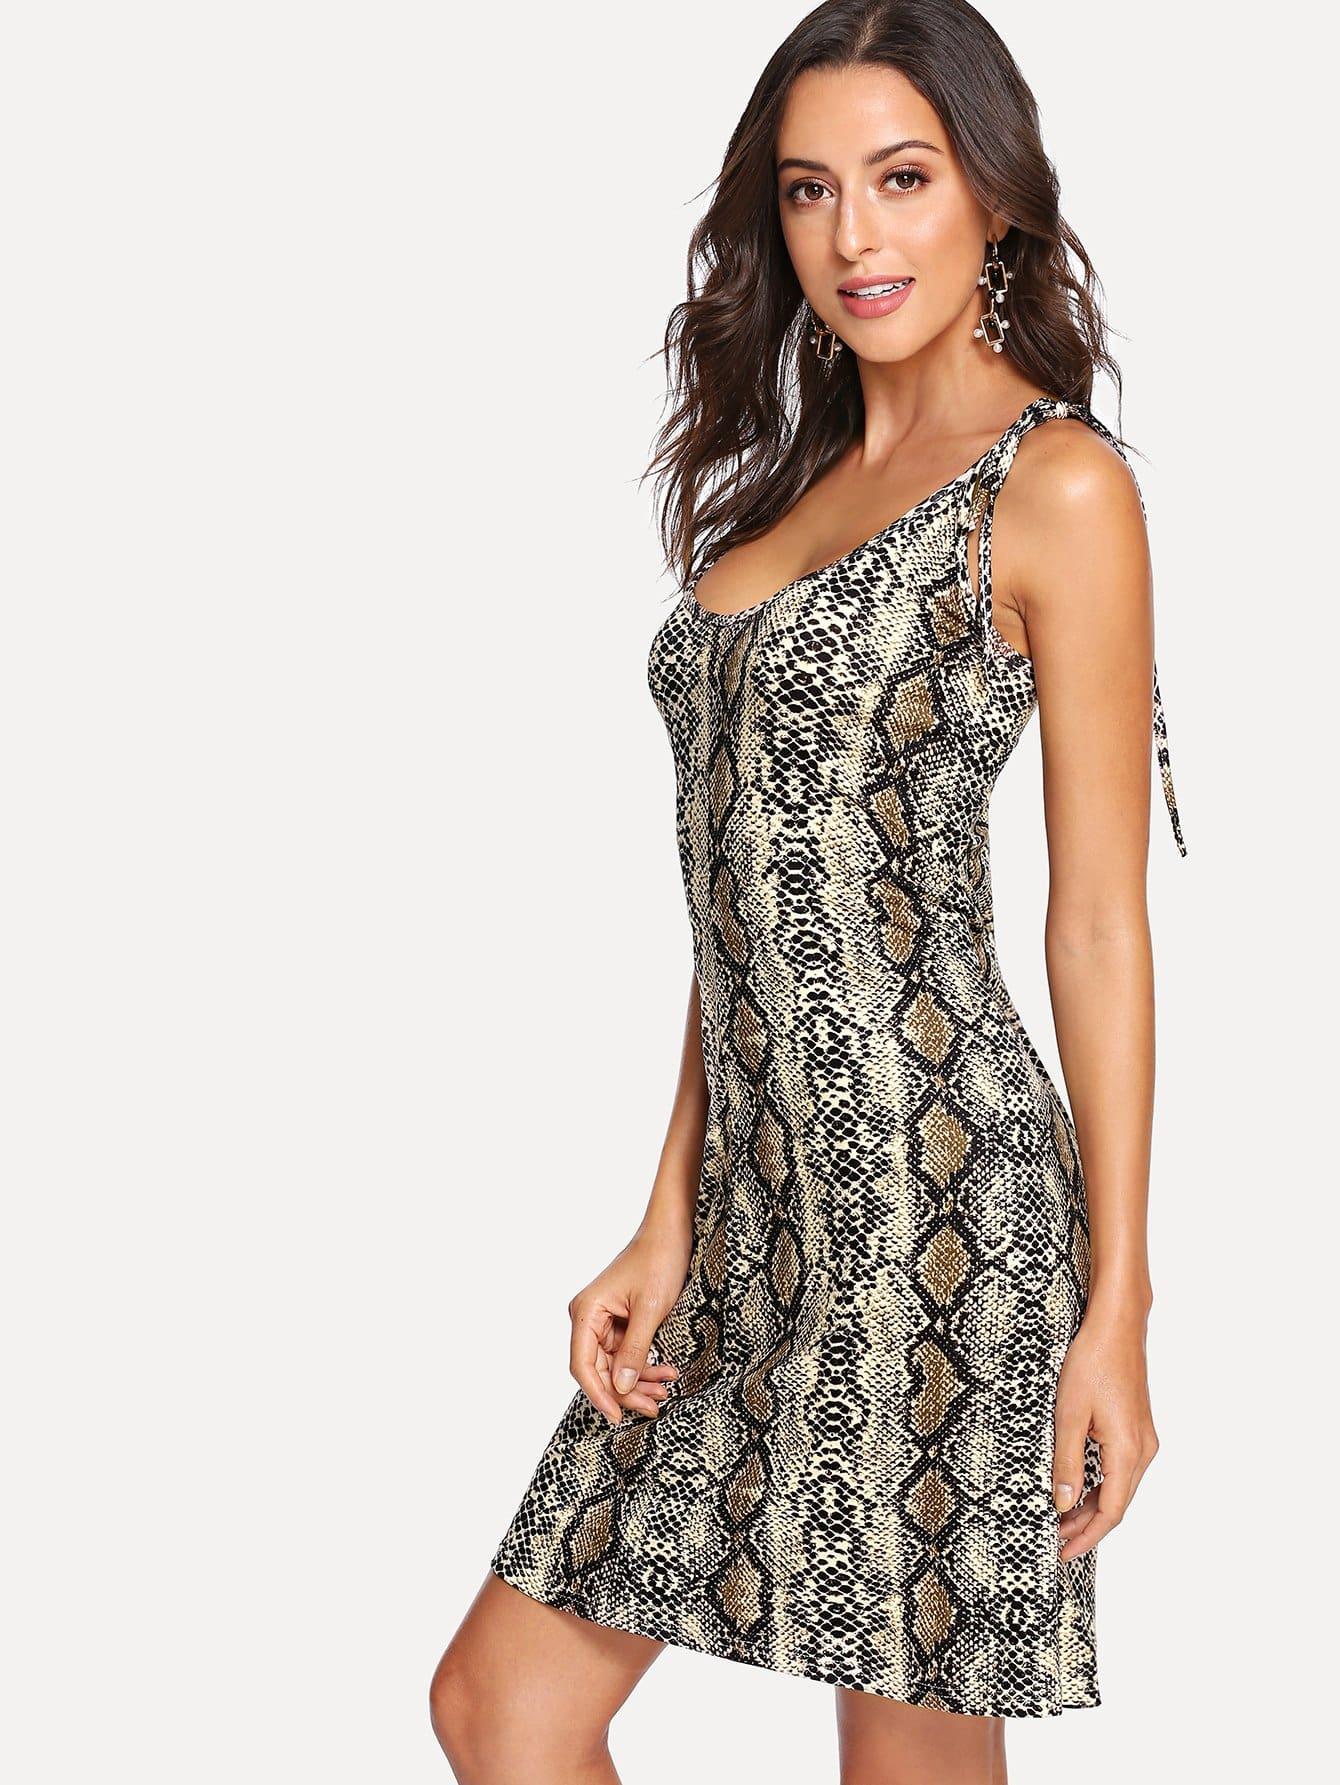 Купить Платье для галстуков Snake Print, Mary P., SheIn